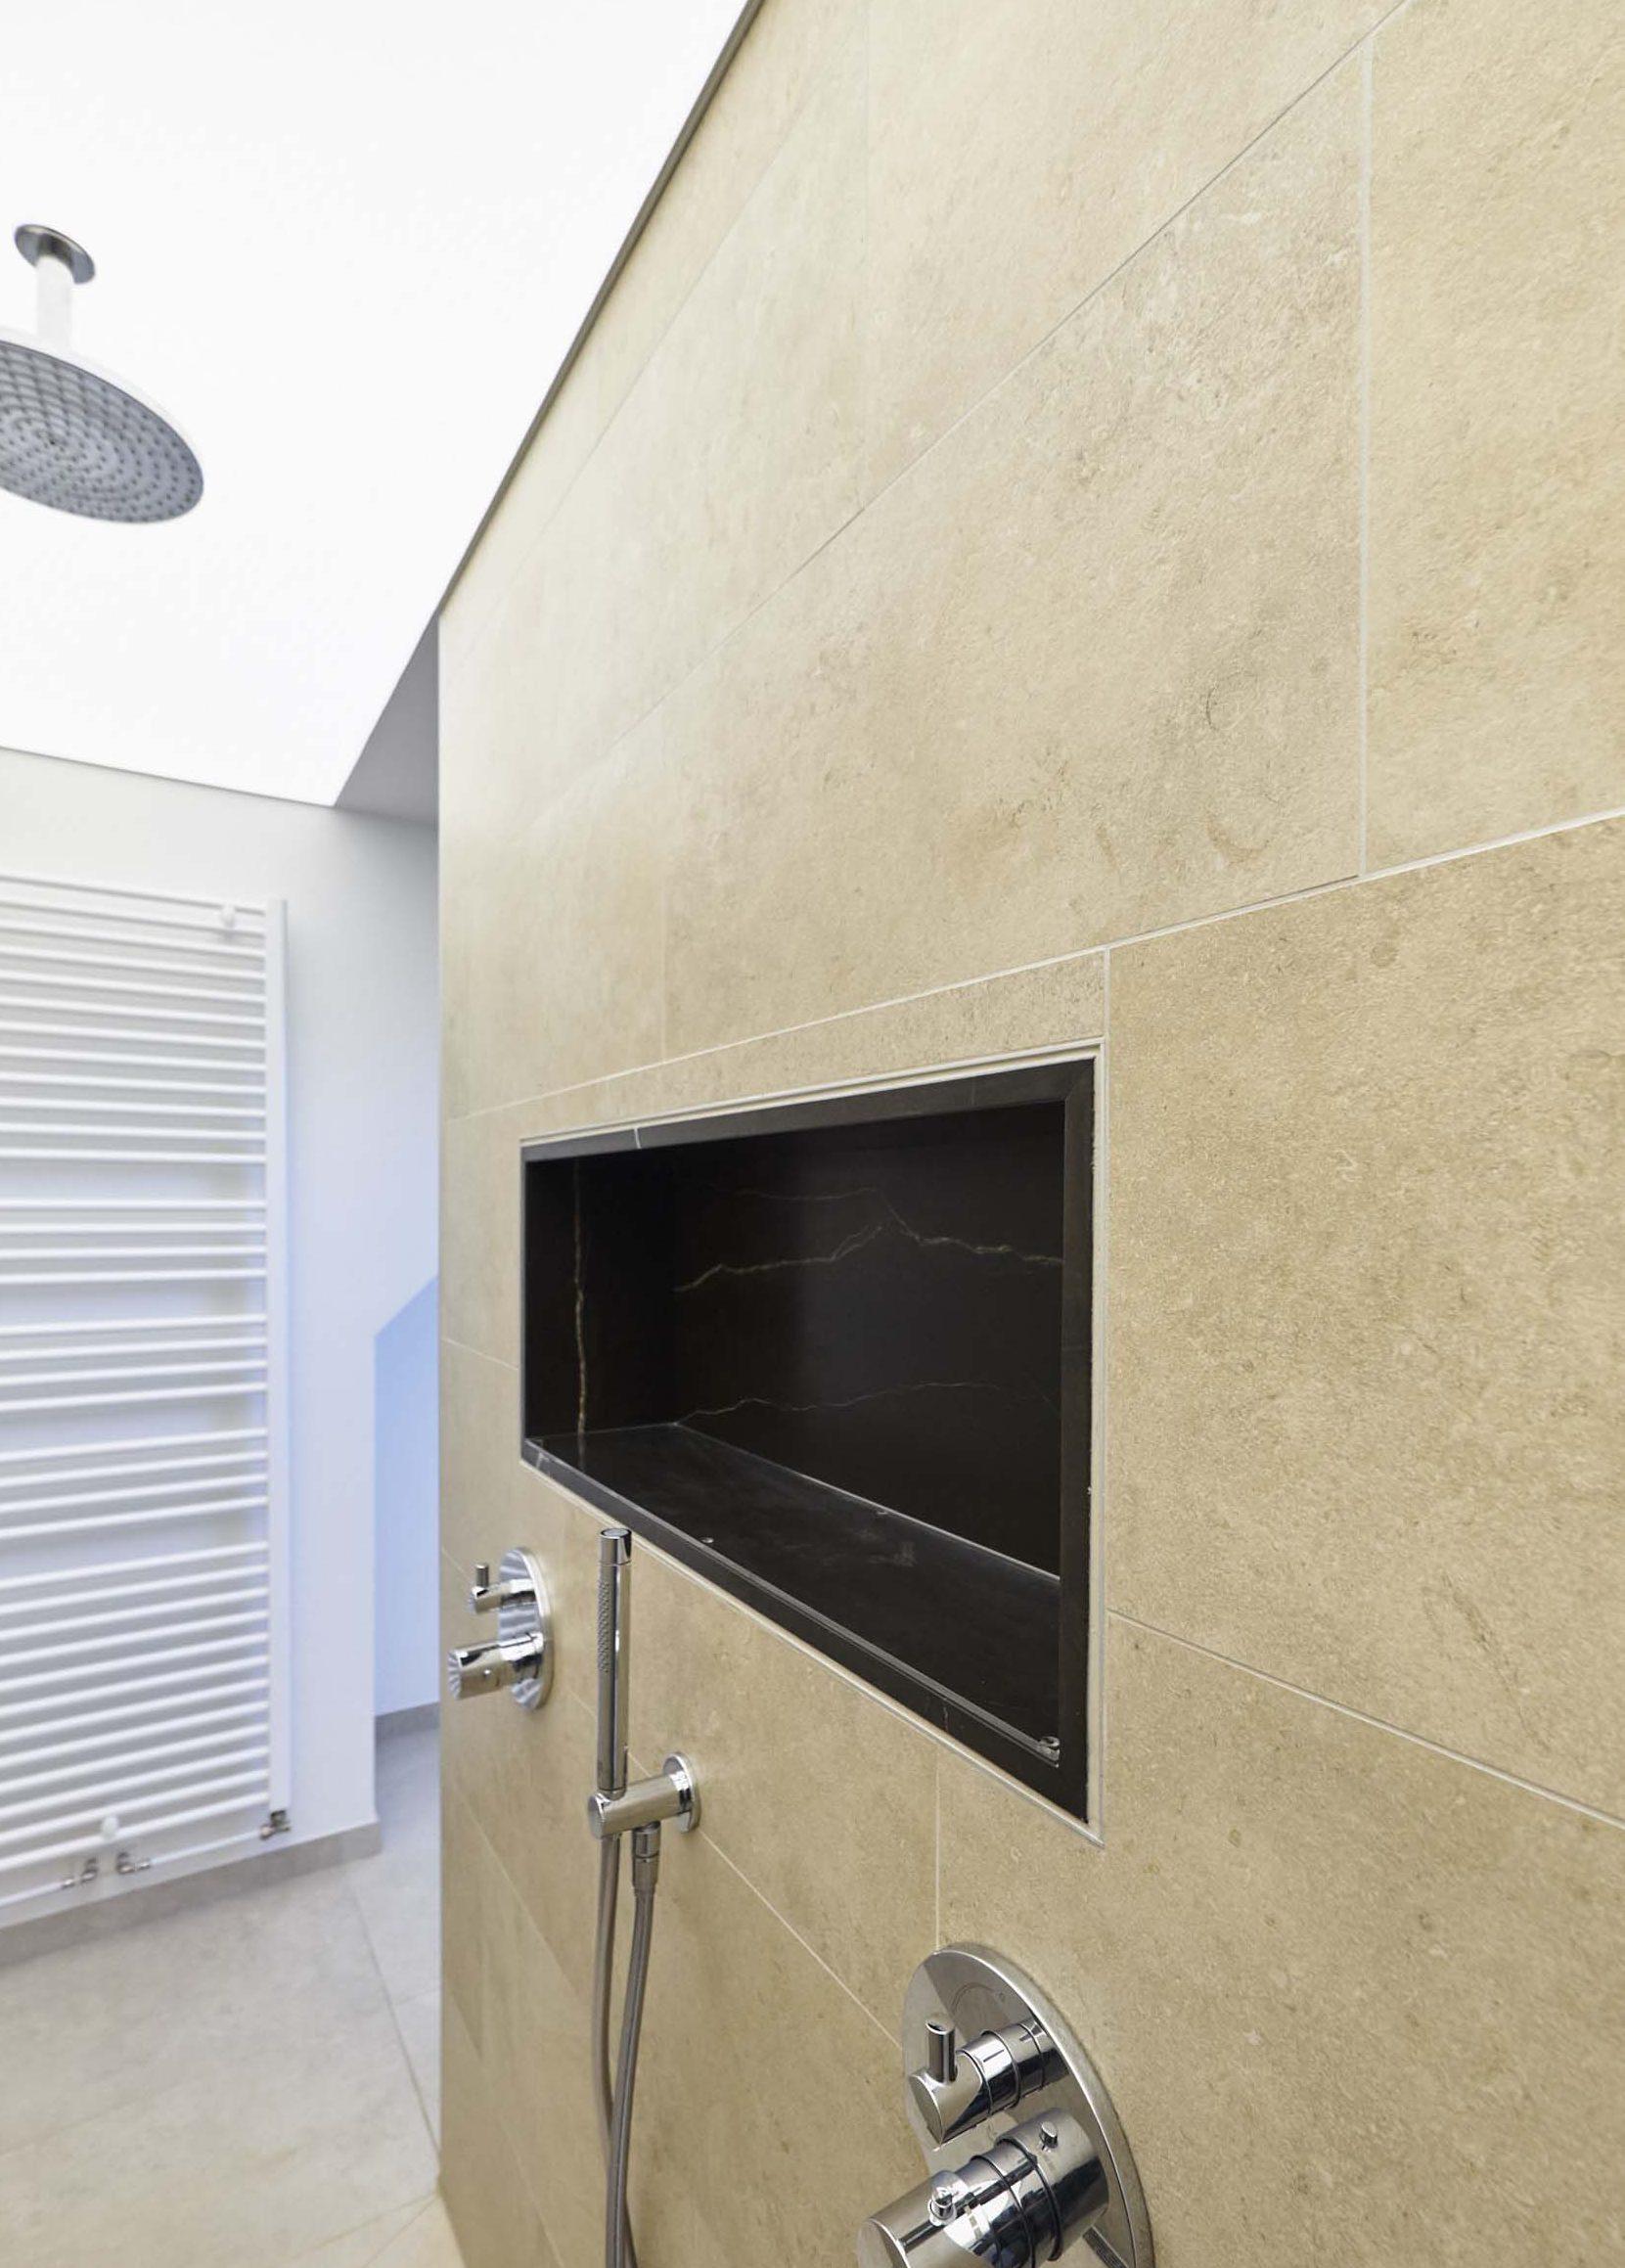 Vanda-projects-interieurinrichting-meubelmakerij-oost-vlaanderen-riem-douche-inrichting